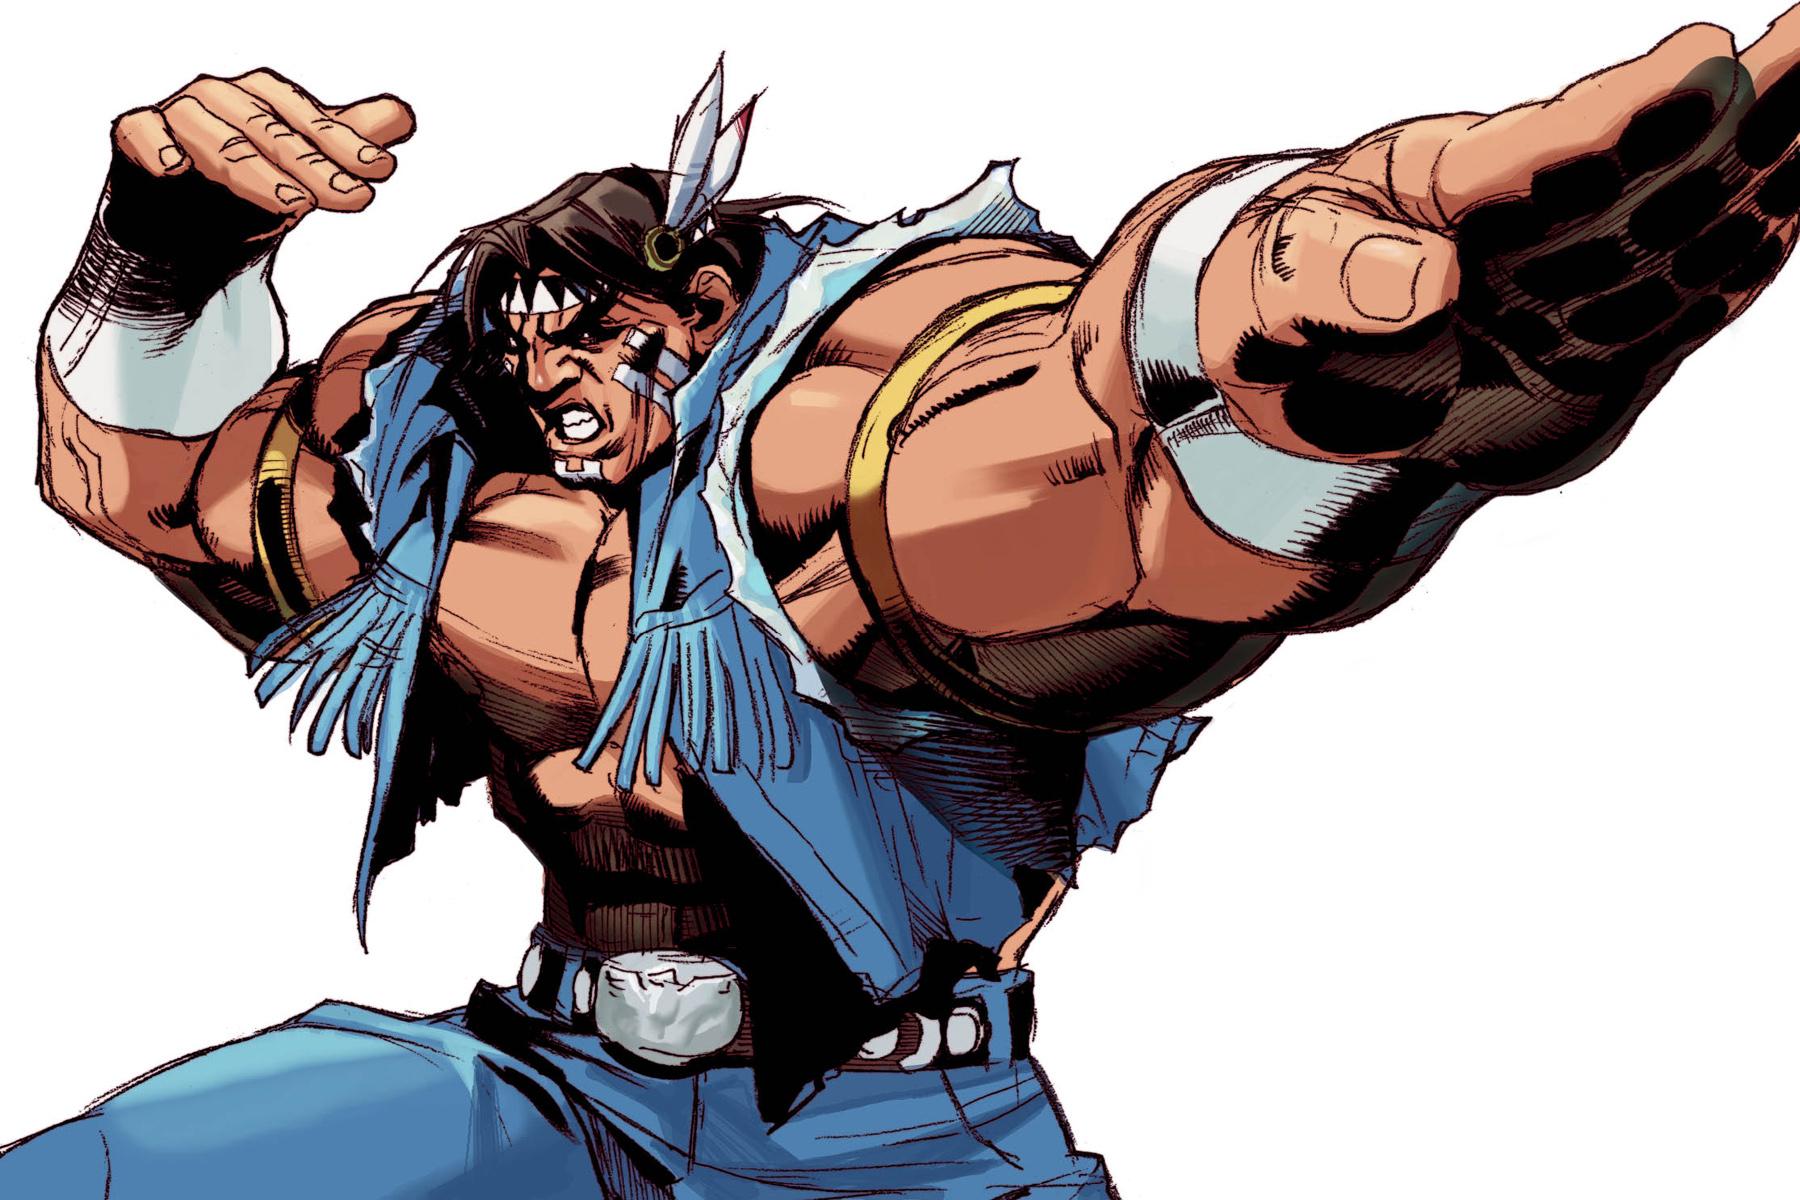 T. Hawk- mejores personajes mexicanos de videojuegos